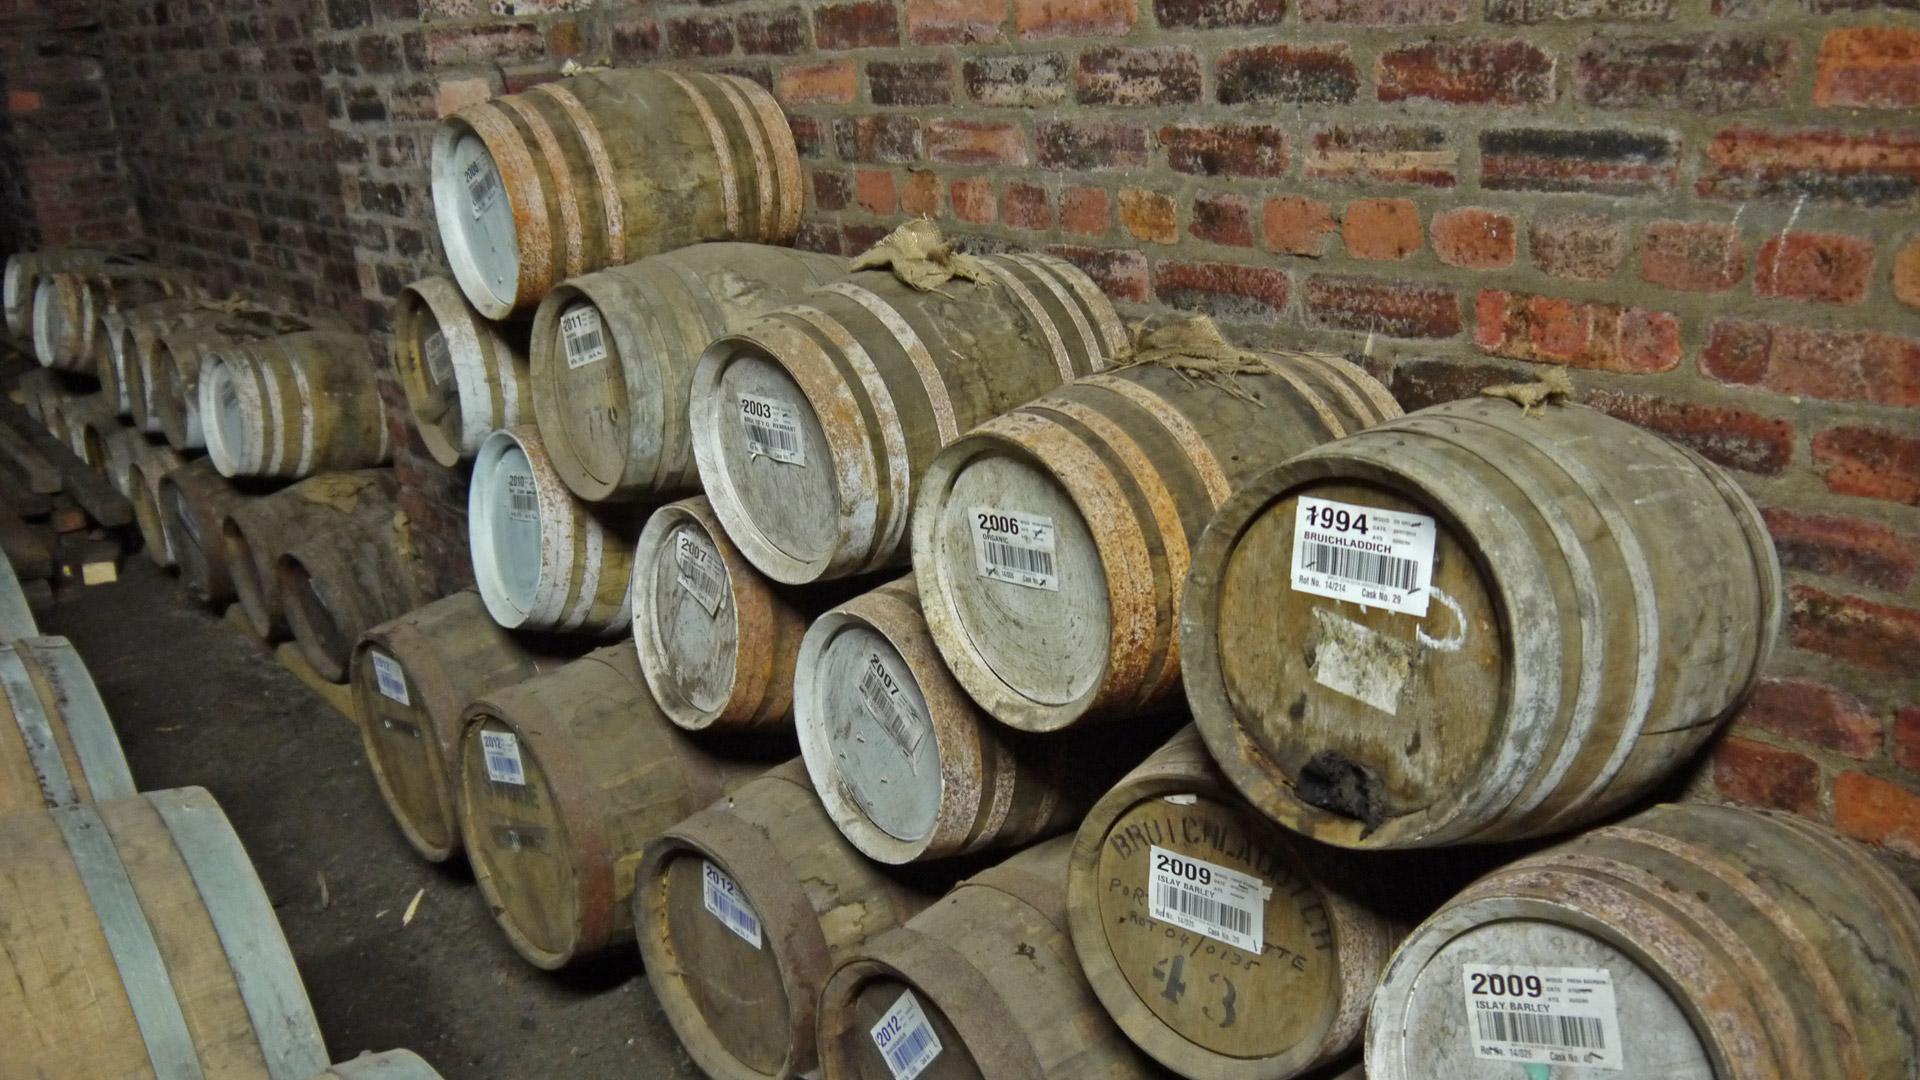 In kleinen Fässern werden häufig Whiskys für besondere Kleinserien gelagert. Im Bild sind Mini-Whiskyfässer im Warehouse von Bruichladdich zu sehen. (Foto: Malt Whisky)